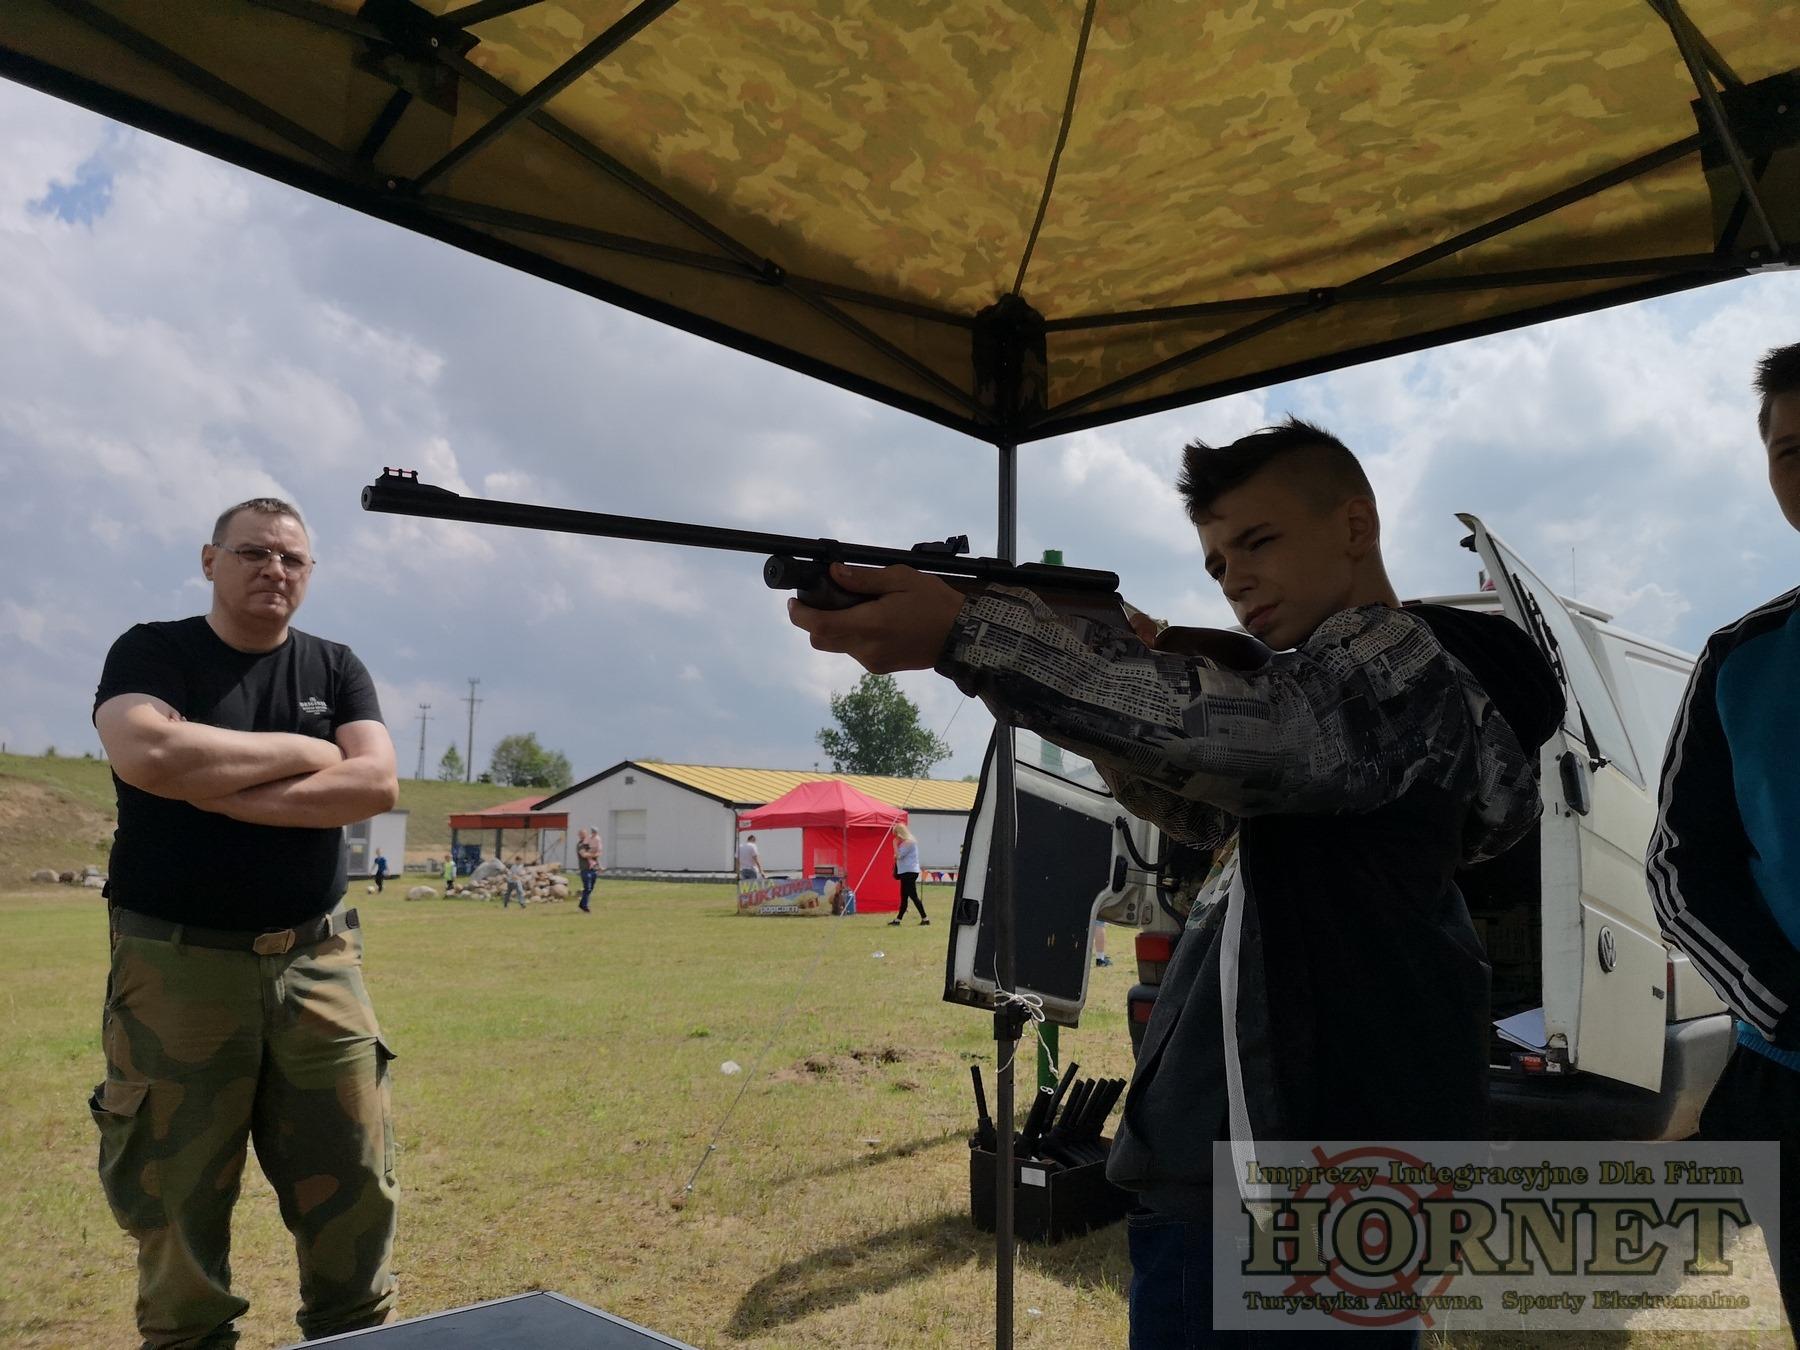 Wirtualna strzelnica w powiecie z dofinansowaniem Ministerstwa Obrony Narodowej